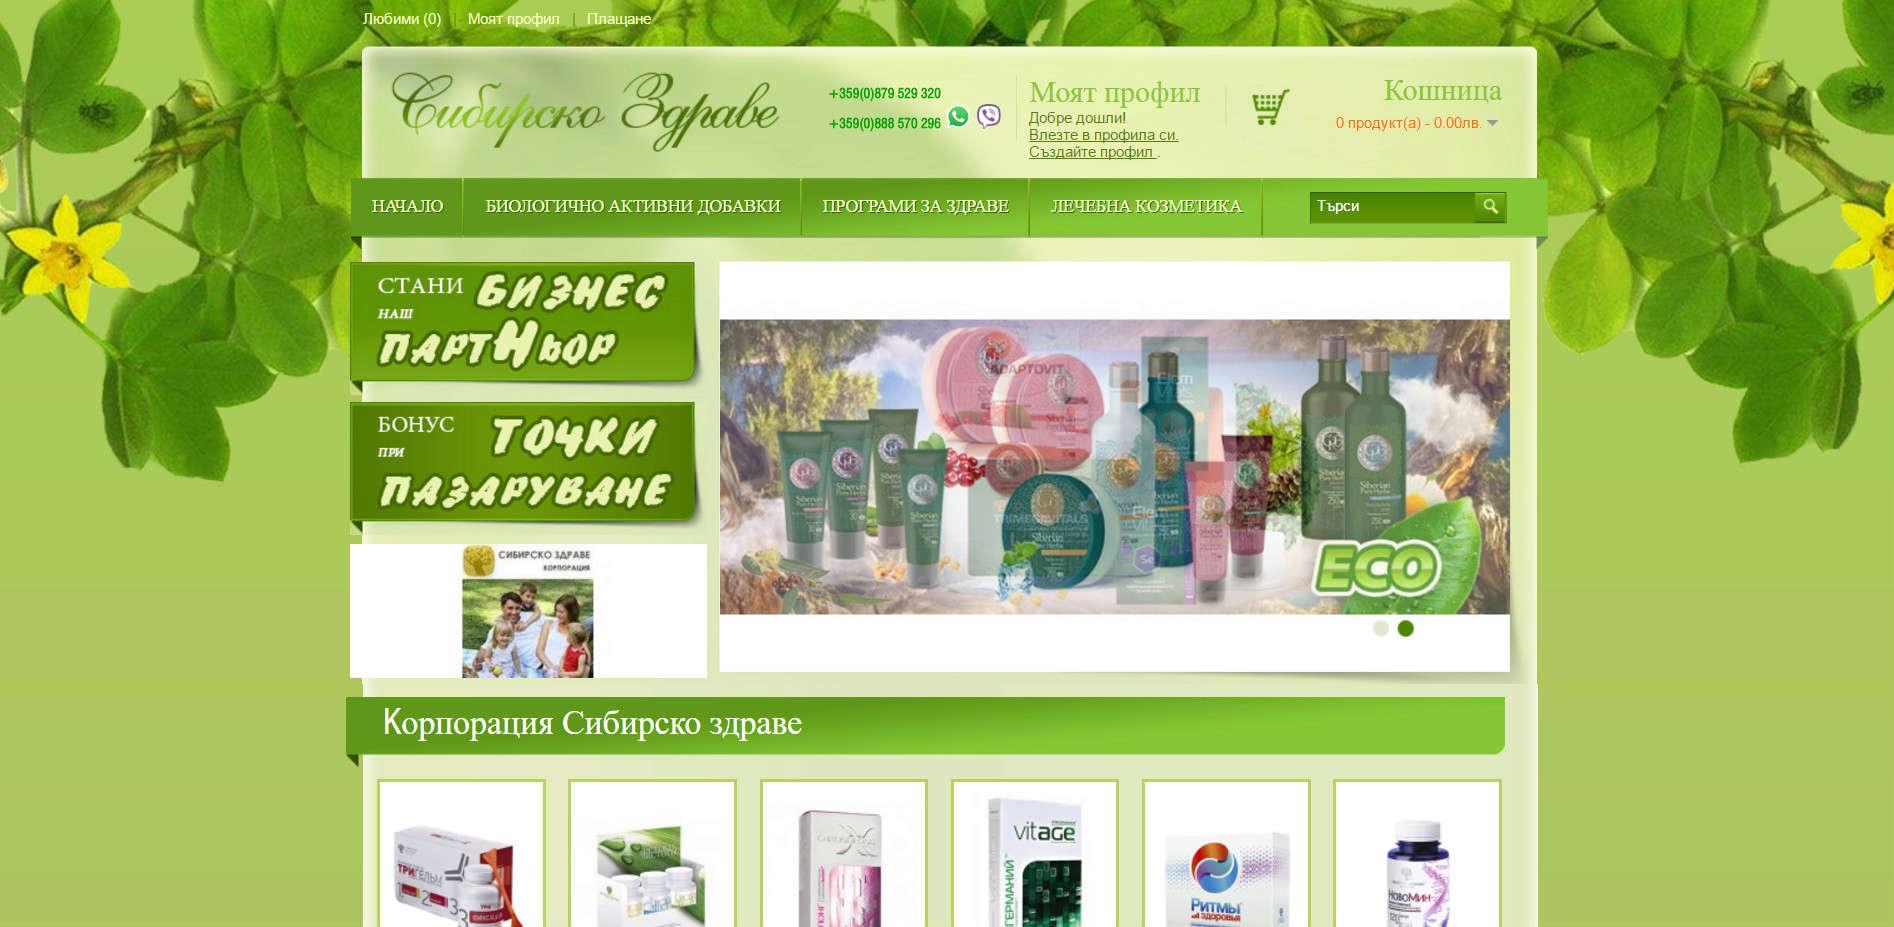 Сибирско здраве - Онлайн магазин